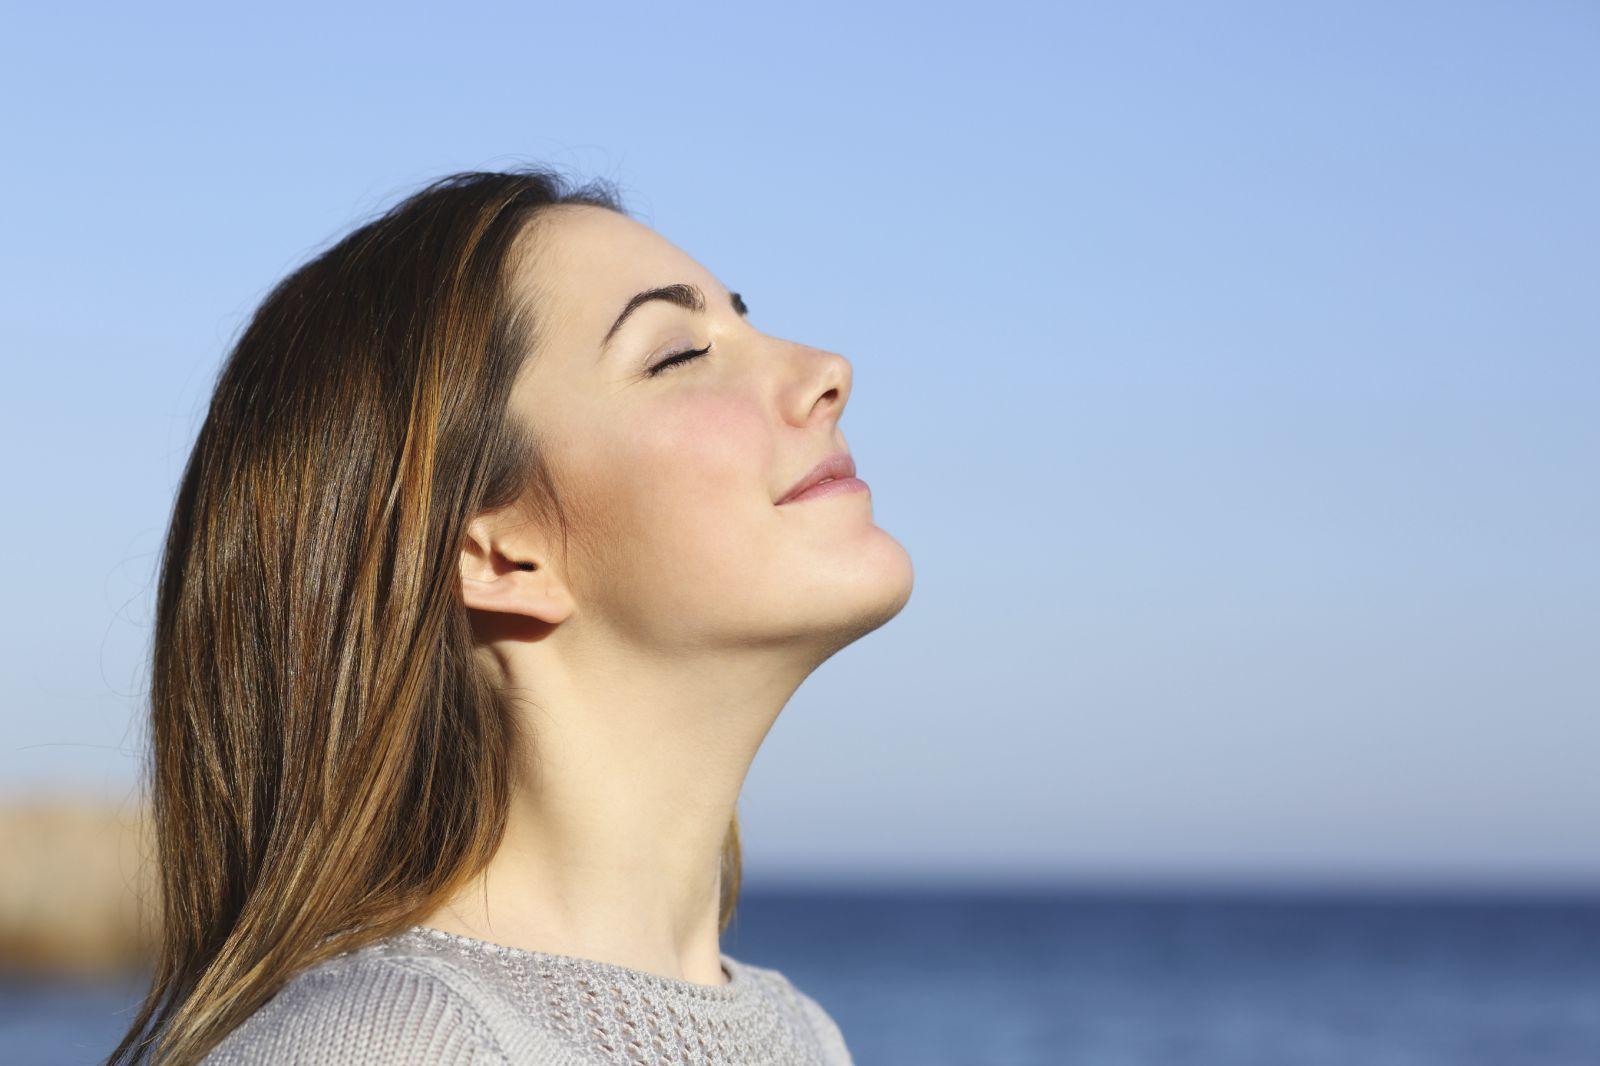 """Стоматолог объяснила, чем опасно постоянно дышать ртом: """"На это нужно обратить внимание"""""""